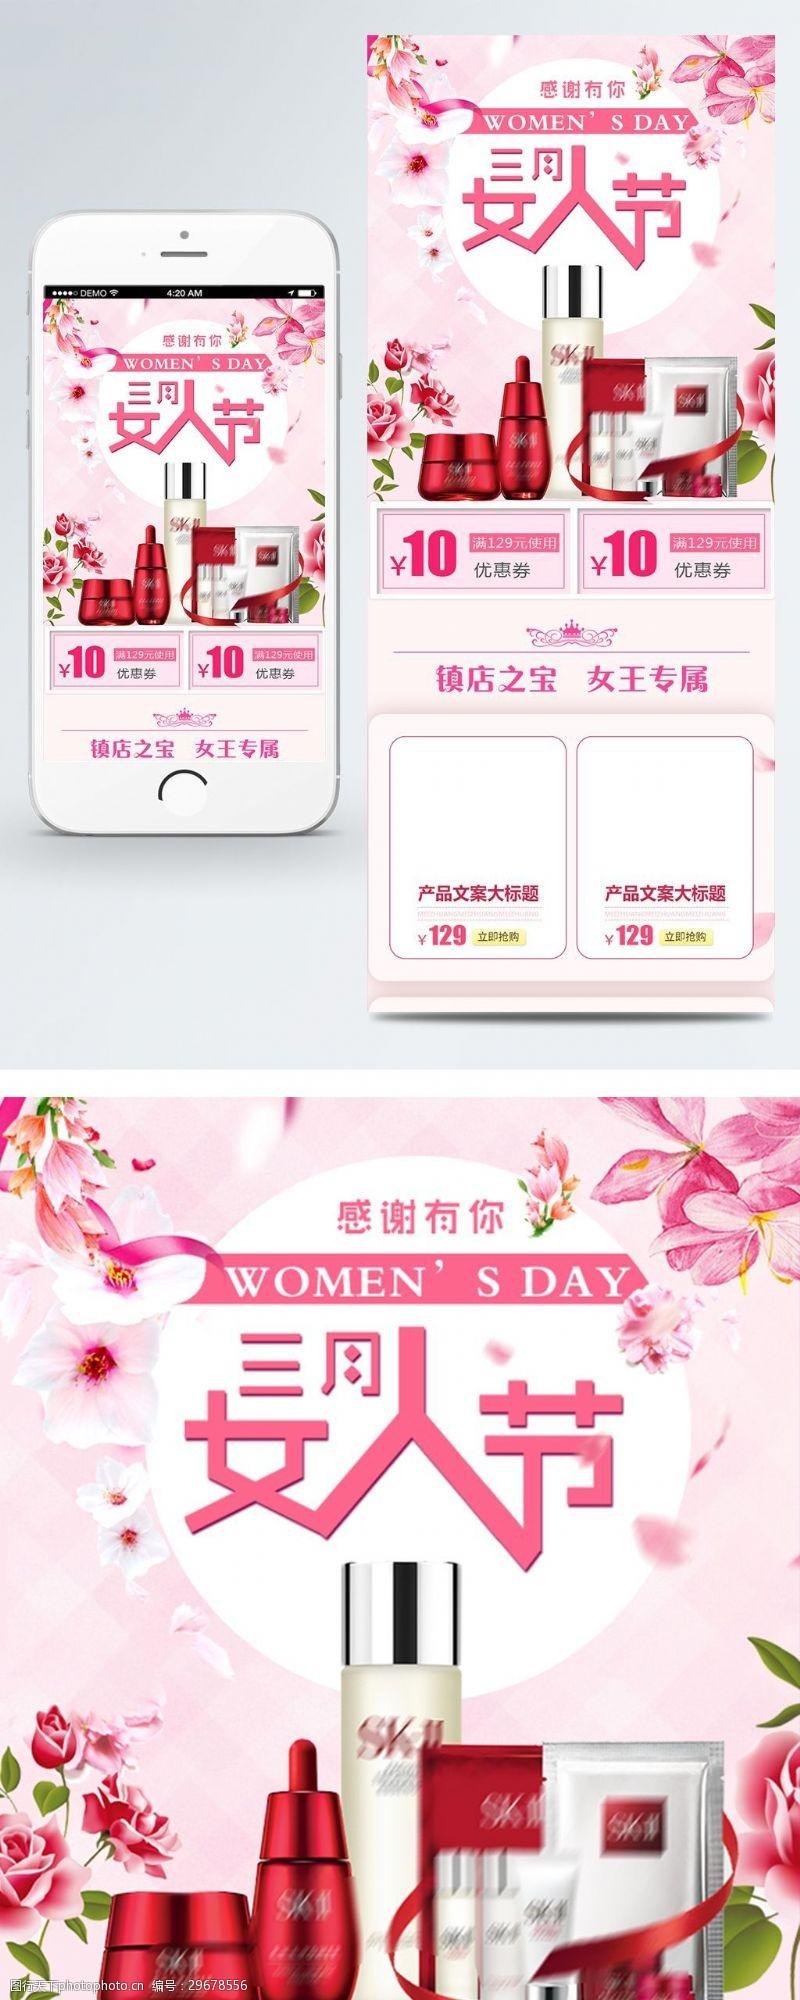 彩妆三月38女神节粉色简约美妆移动端首页模板